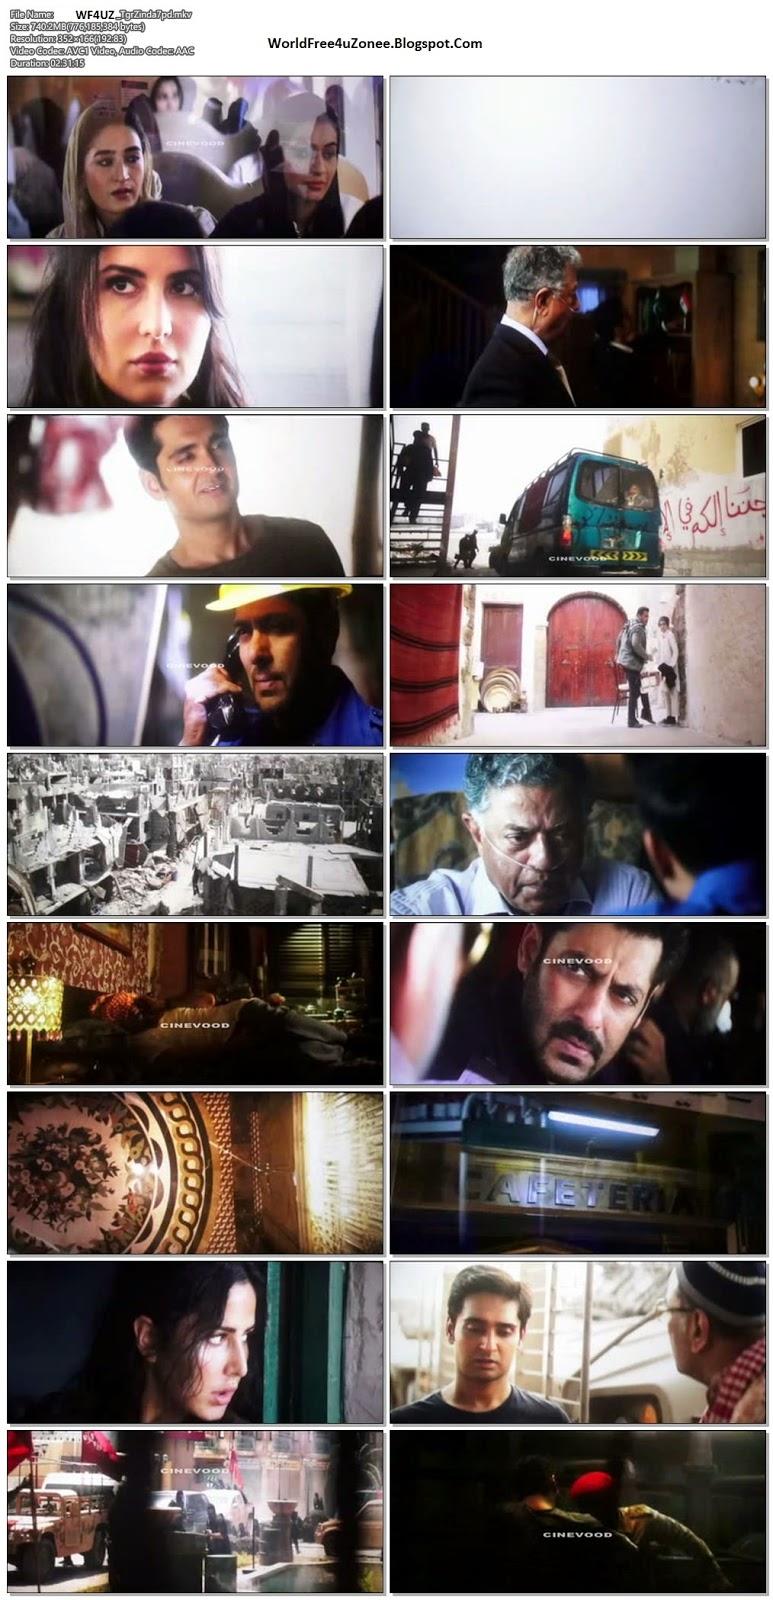 Tiger Zinda Hai (2017) Hindi Pre-DVDRip 720p 700MB Full Movie Free Download And Watch Online Latest Bollywood Hindi Movies 2017 Free At WorldFree4uZonee.Blogspot.Com